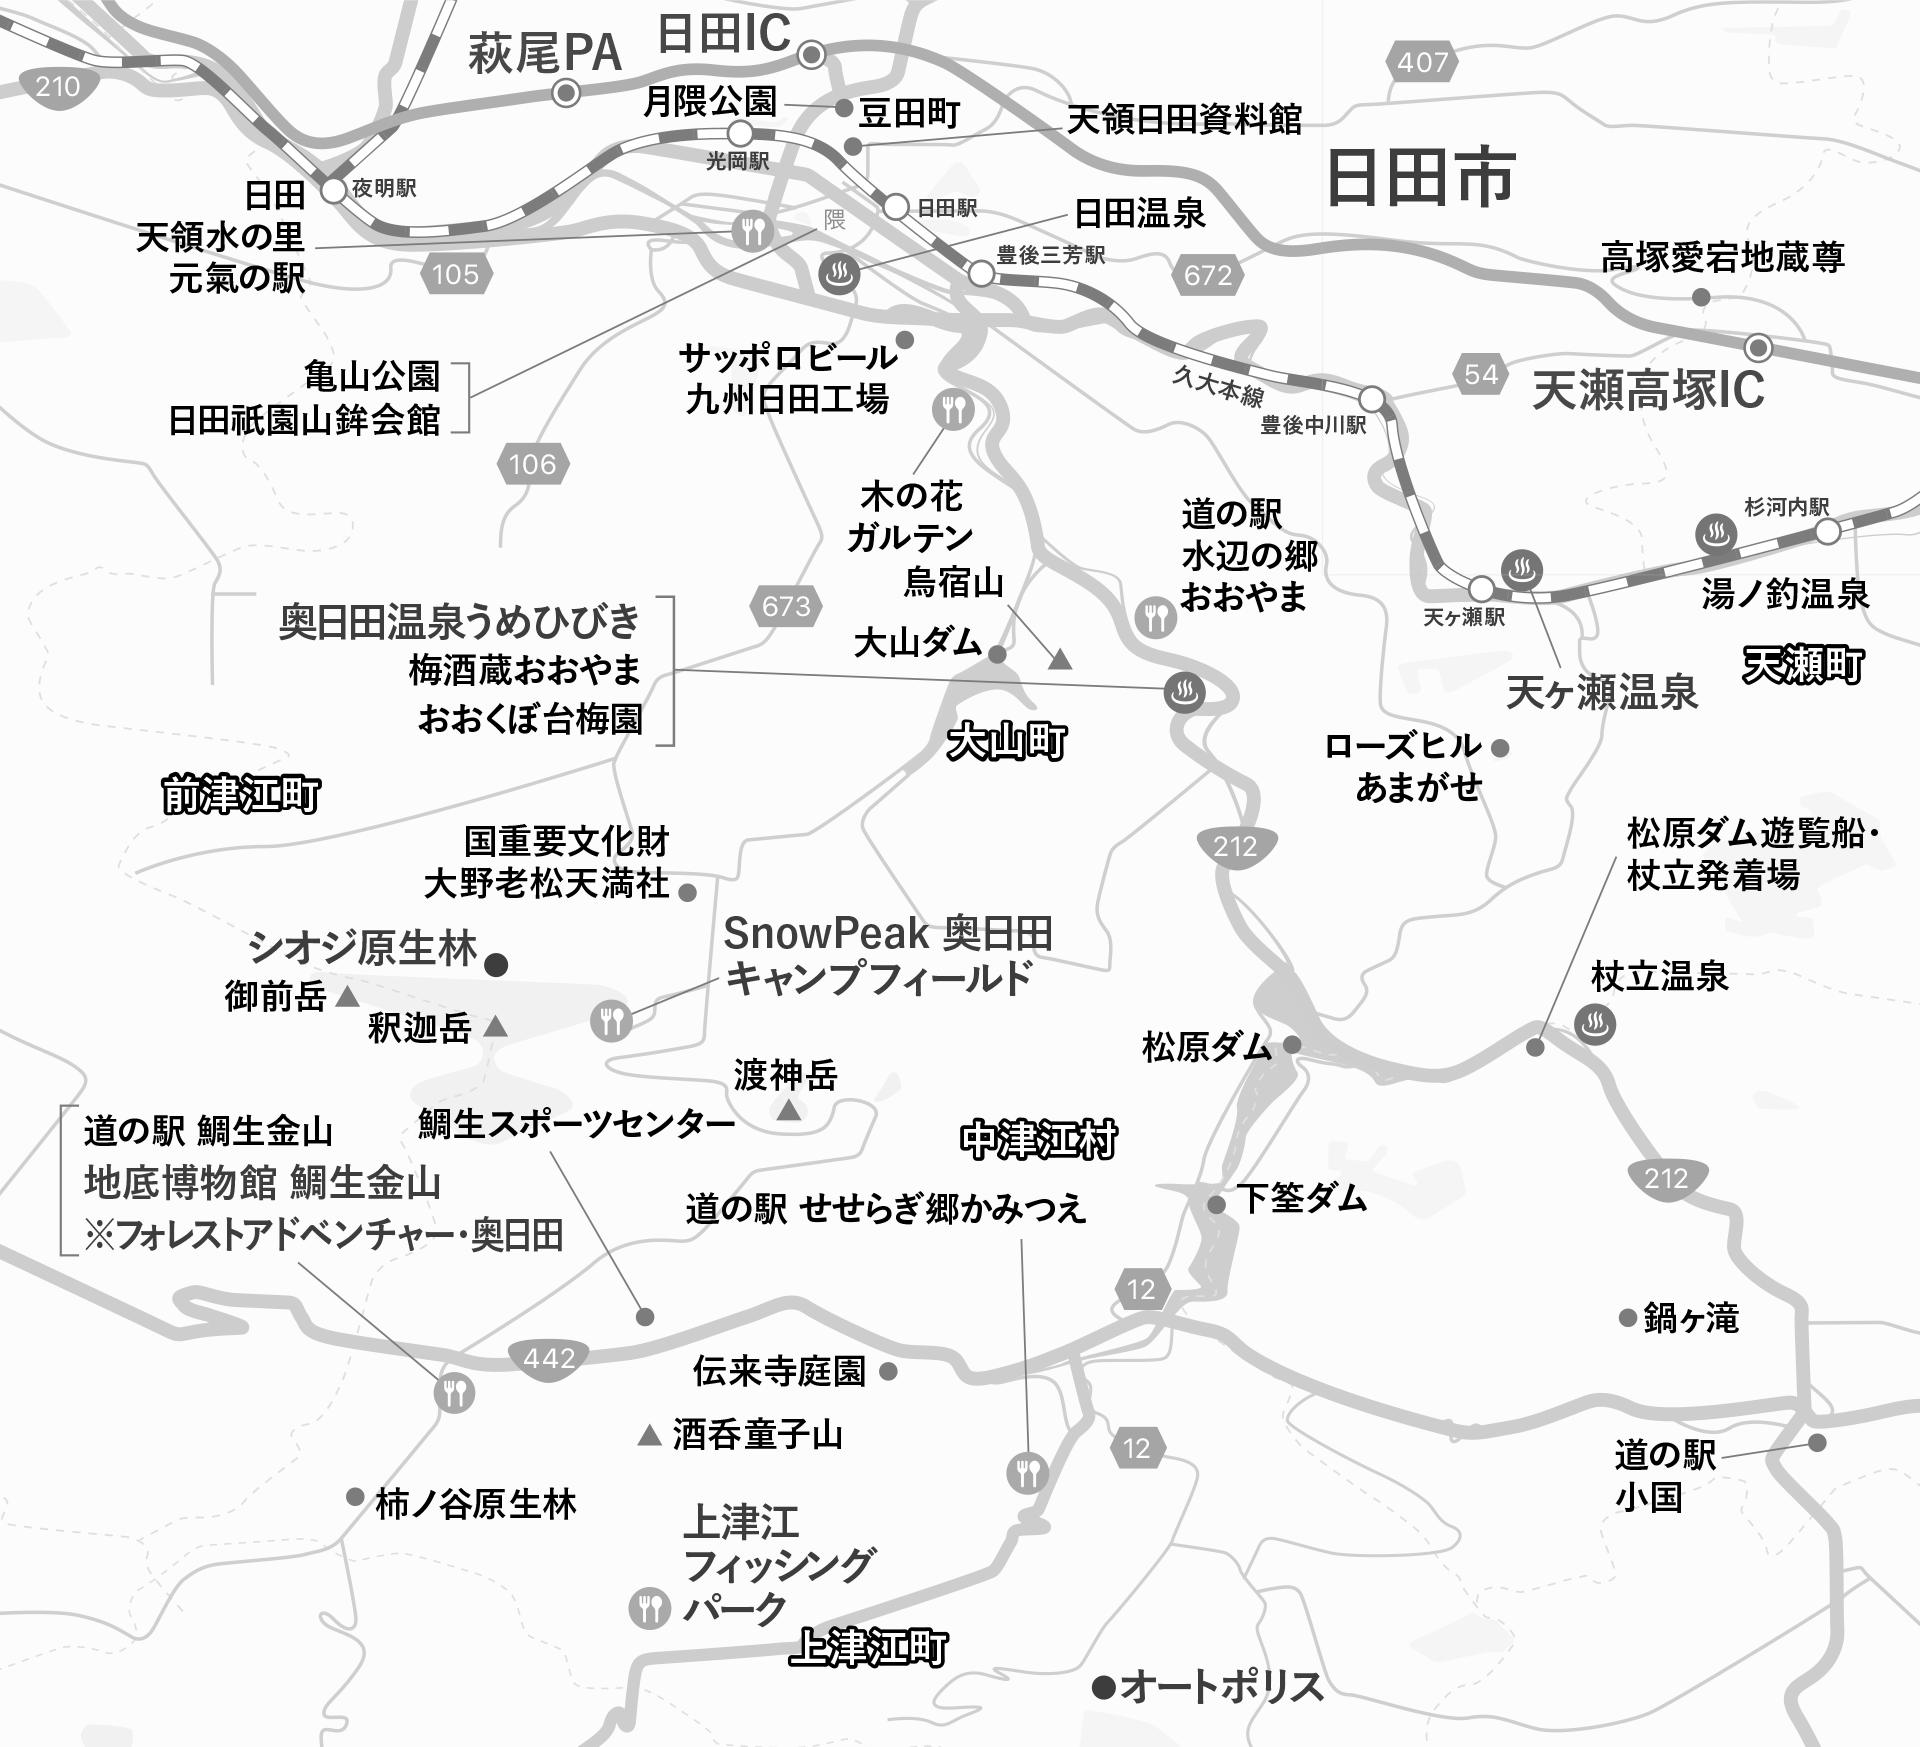 奥日田エリアマップ